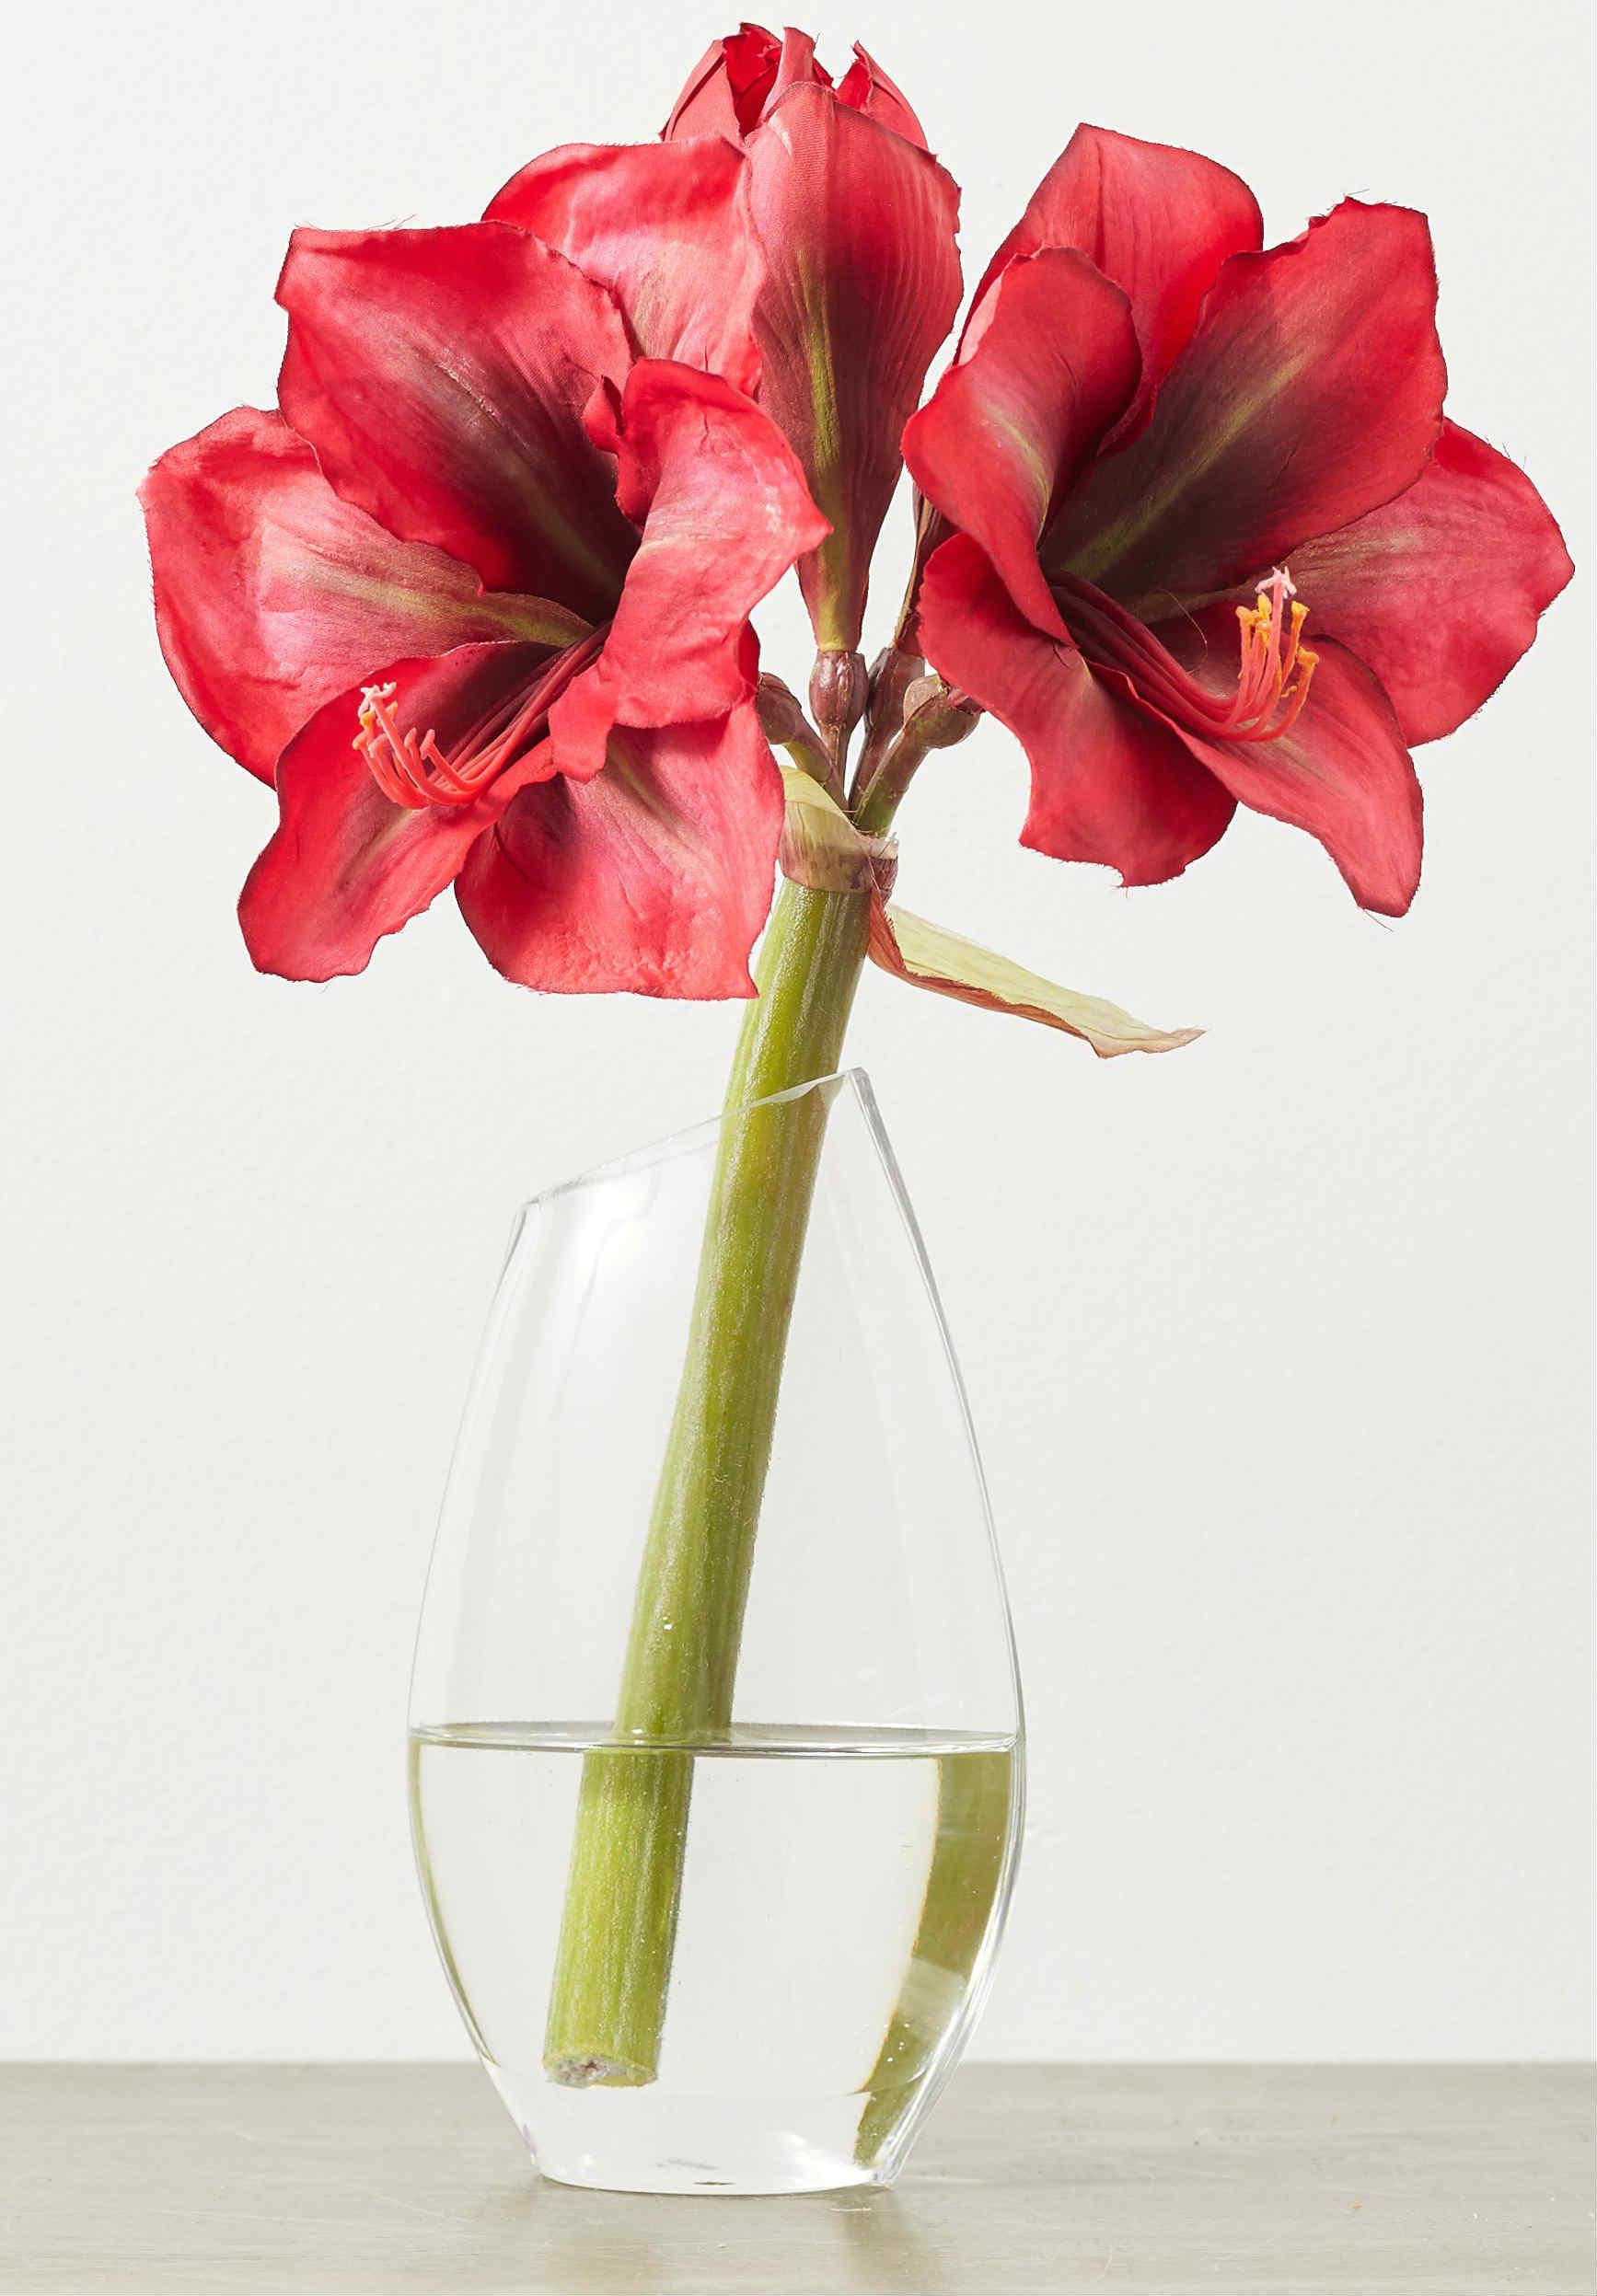 как срезать цветы амараллиса